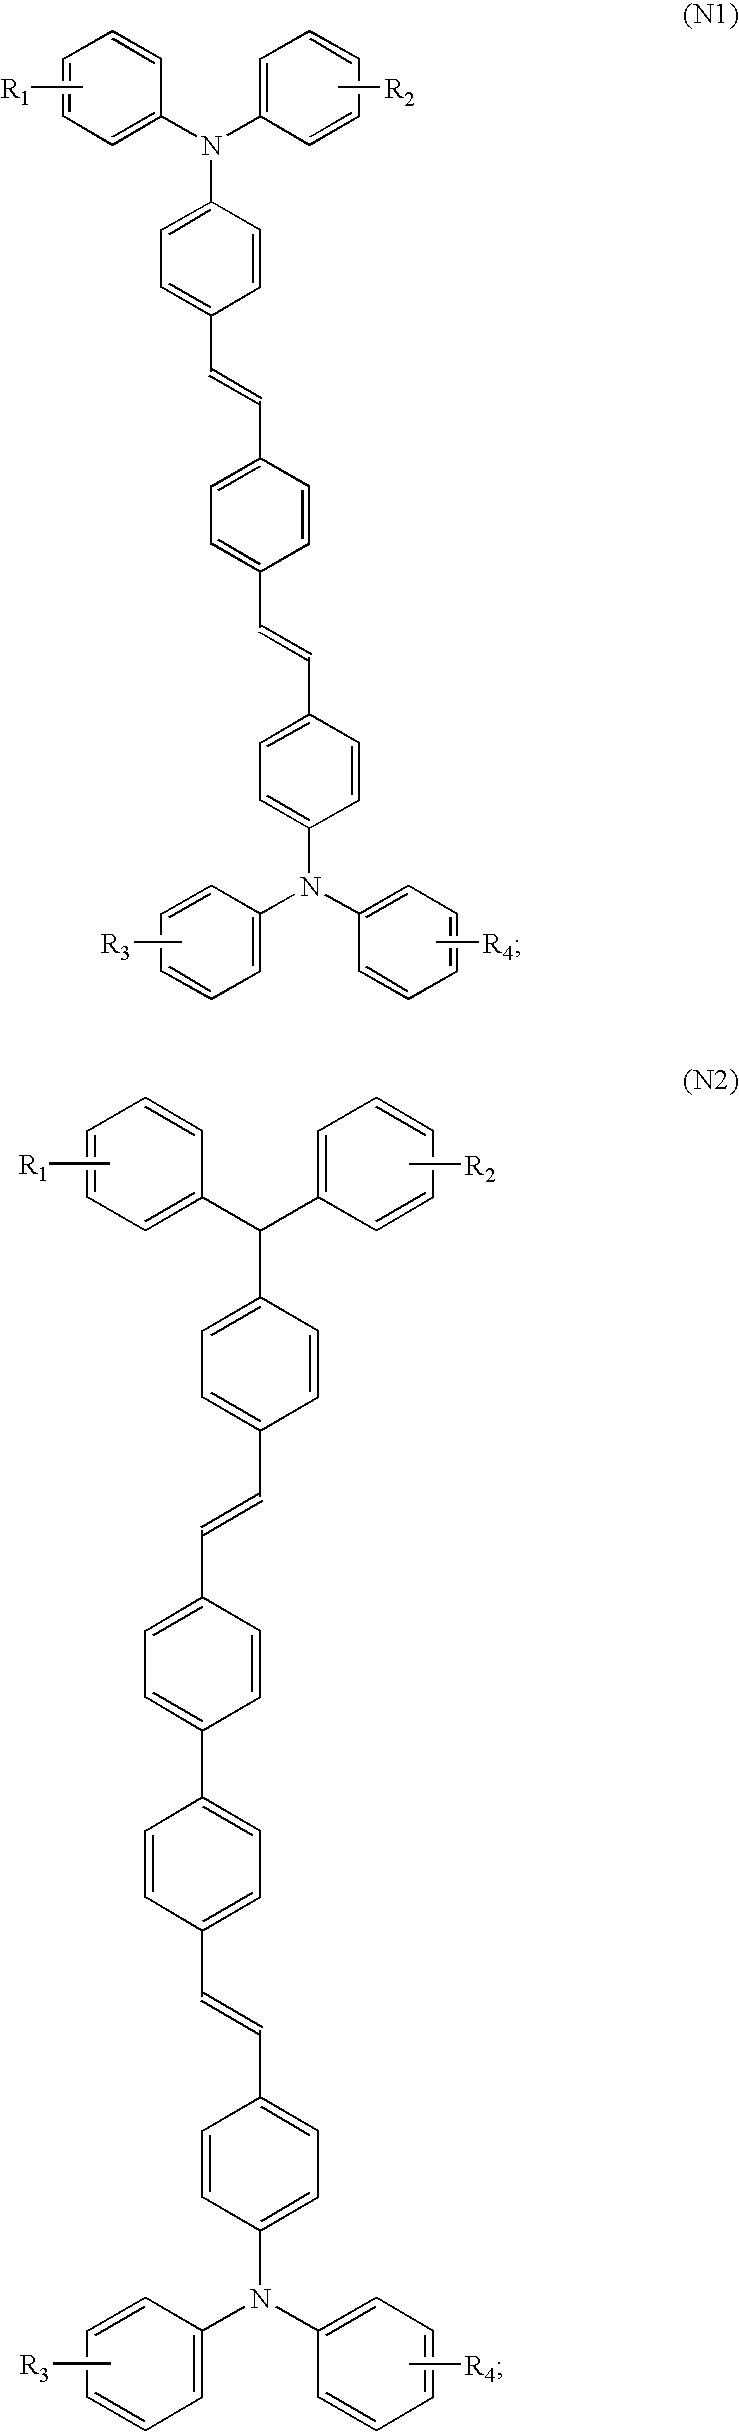 Figure US20060105198A1-20060518-C00079